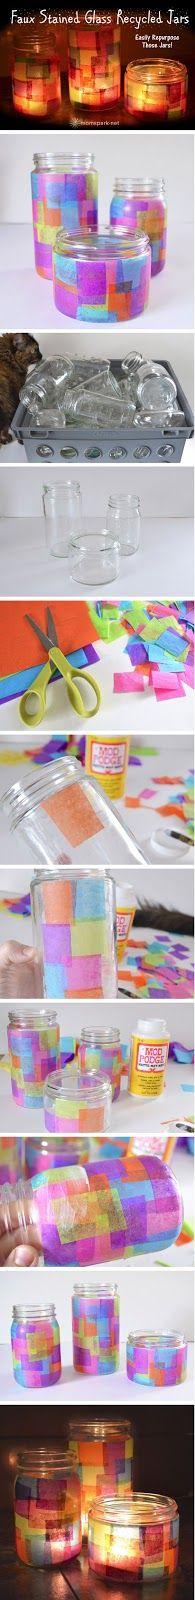 OS MELHORES ARTESANATOS: Reciclagem -Artesanato com pote de vidro